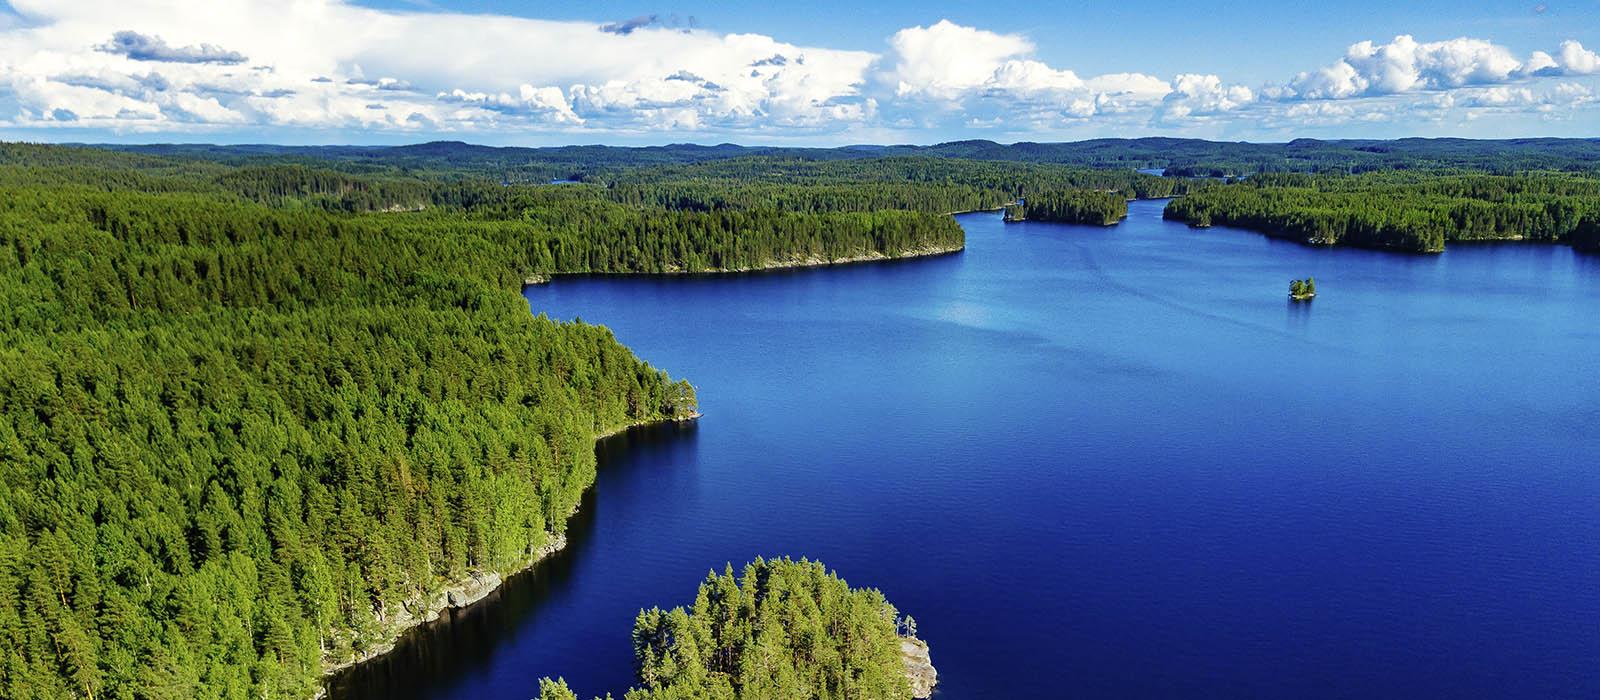 Vyrážíme obytným autem k tisícům jezer do Finska